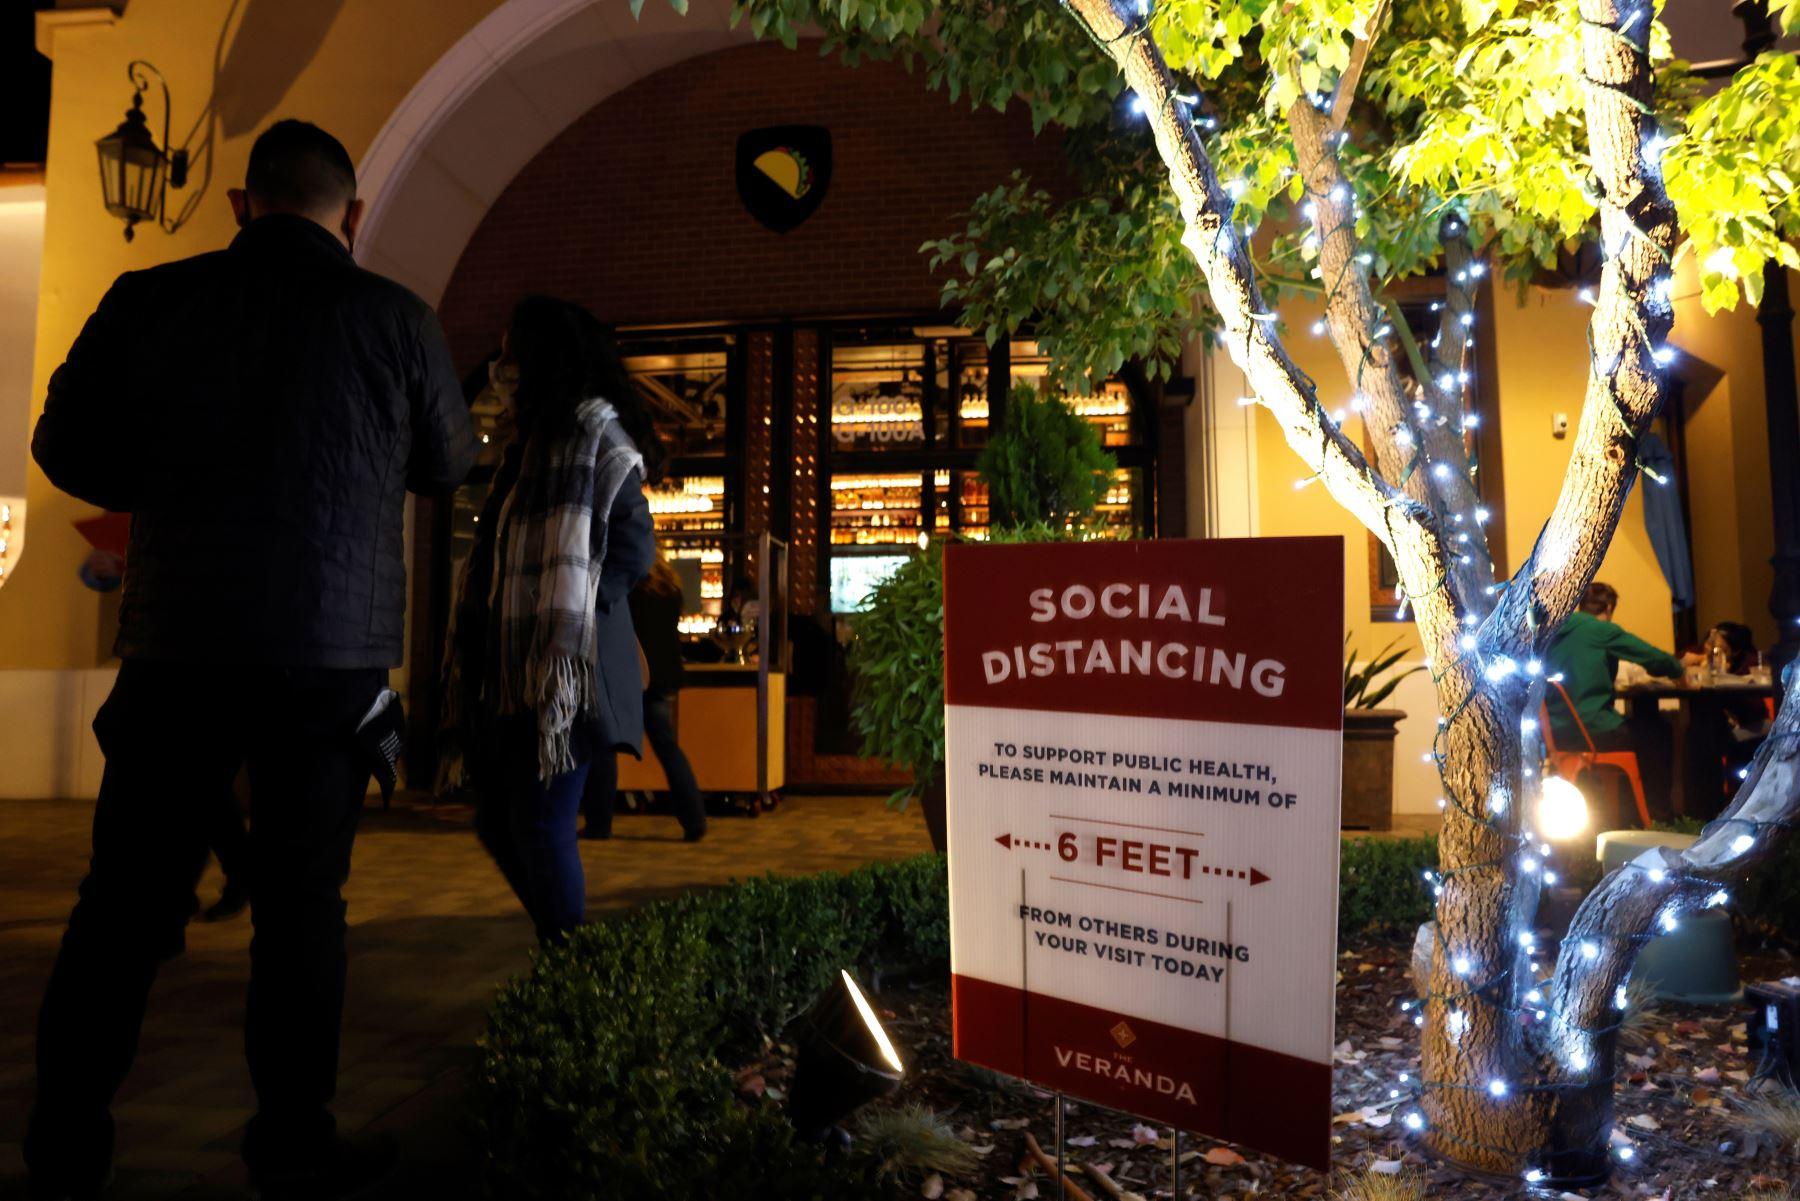 La gente cena al aire libre en Walnut Creek, condado de Contra Costa, California. El gobernador de California, Gavin Newsom, anunció un toque de queda selectivo diseñado para frenar el rápido aumento de Covid-19 casos pidiendo a los restaurantes que cierren antes de las 10 pm a 5am. Foto: EFE